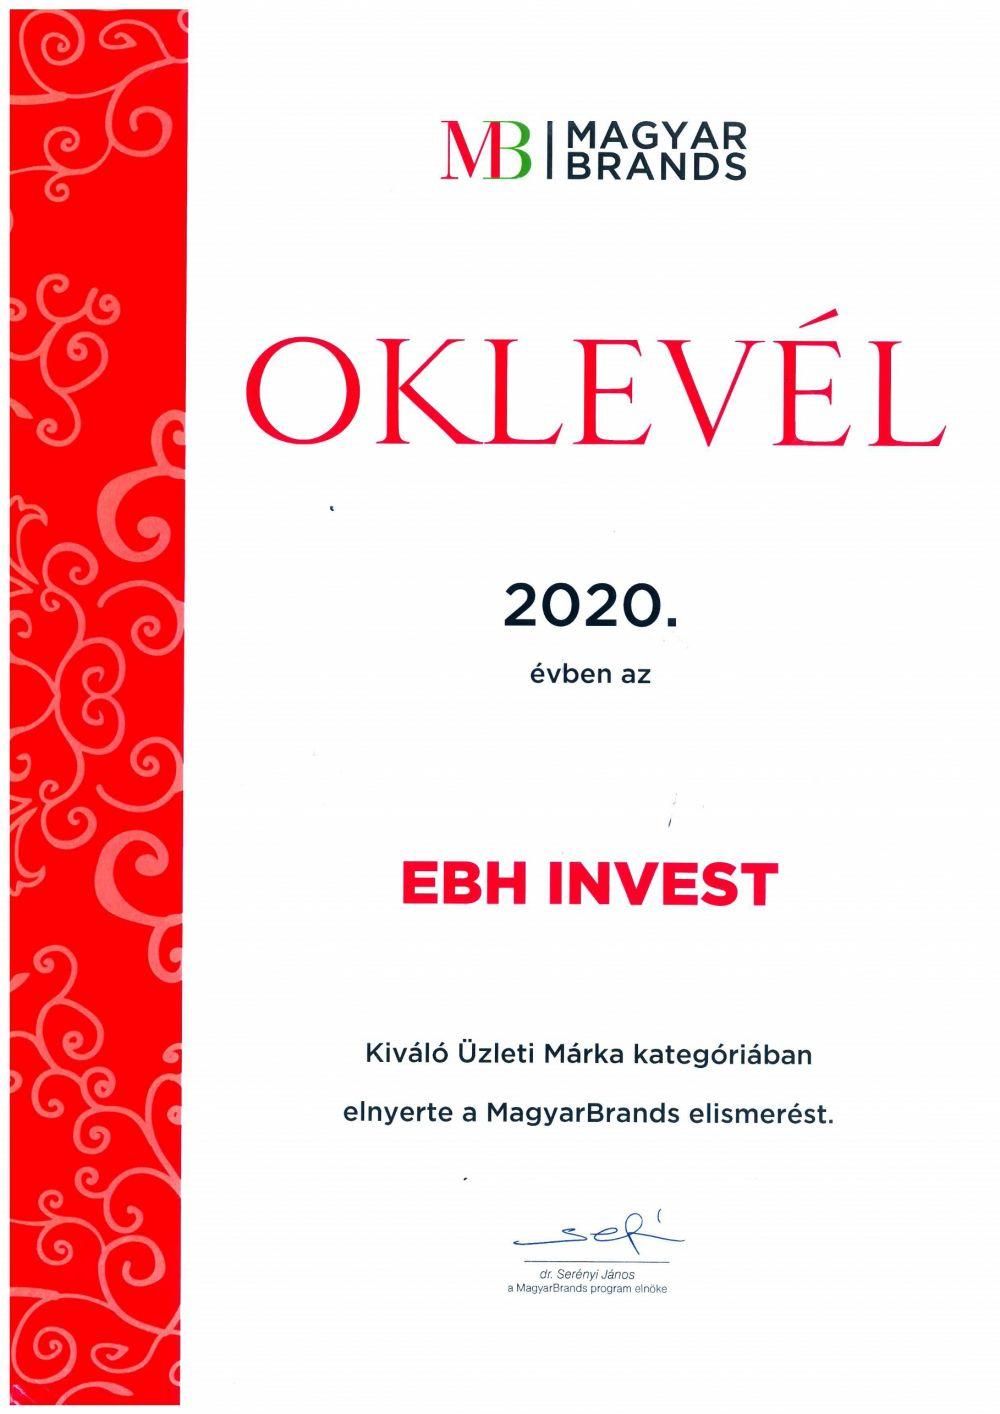 Megszakítás nélkül negyedik alkalommal lett díjazott az EB HUNGARY INVEST Kft. a MagyarBrands üzleti kategóriában.